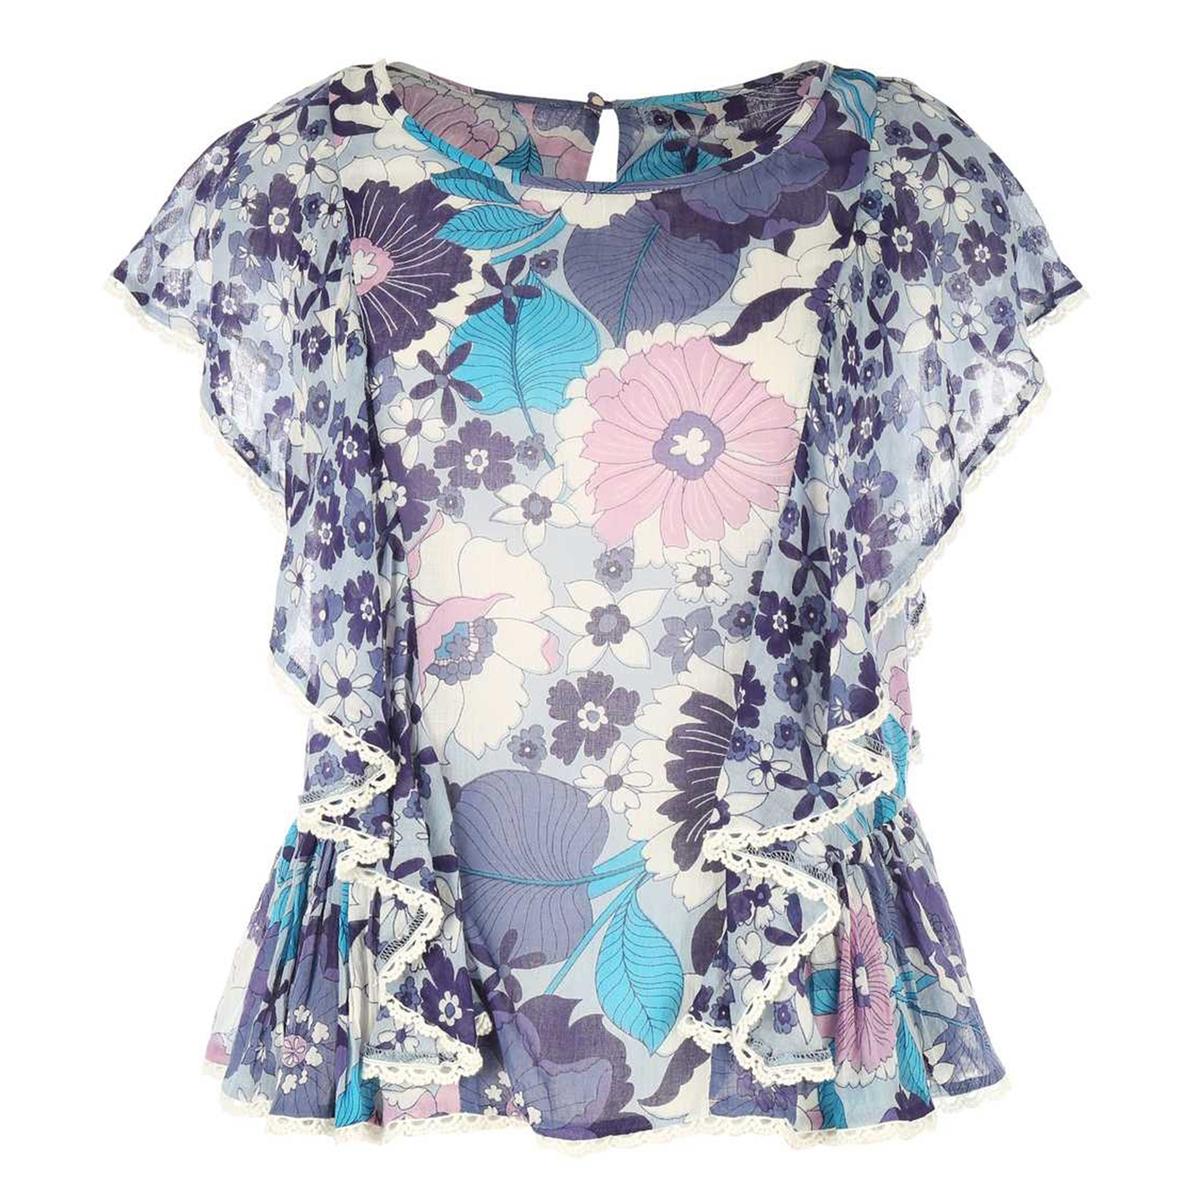 Блузка с круглым вырезом, цветочным рисунком  короткими рукавами